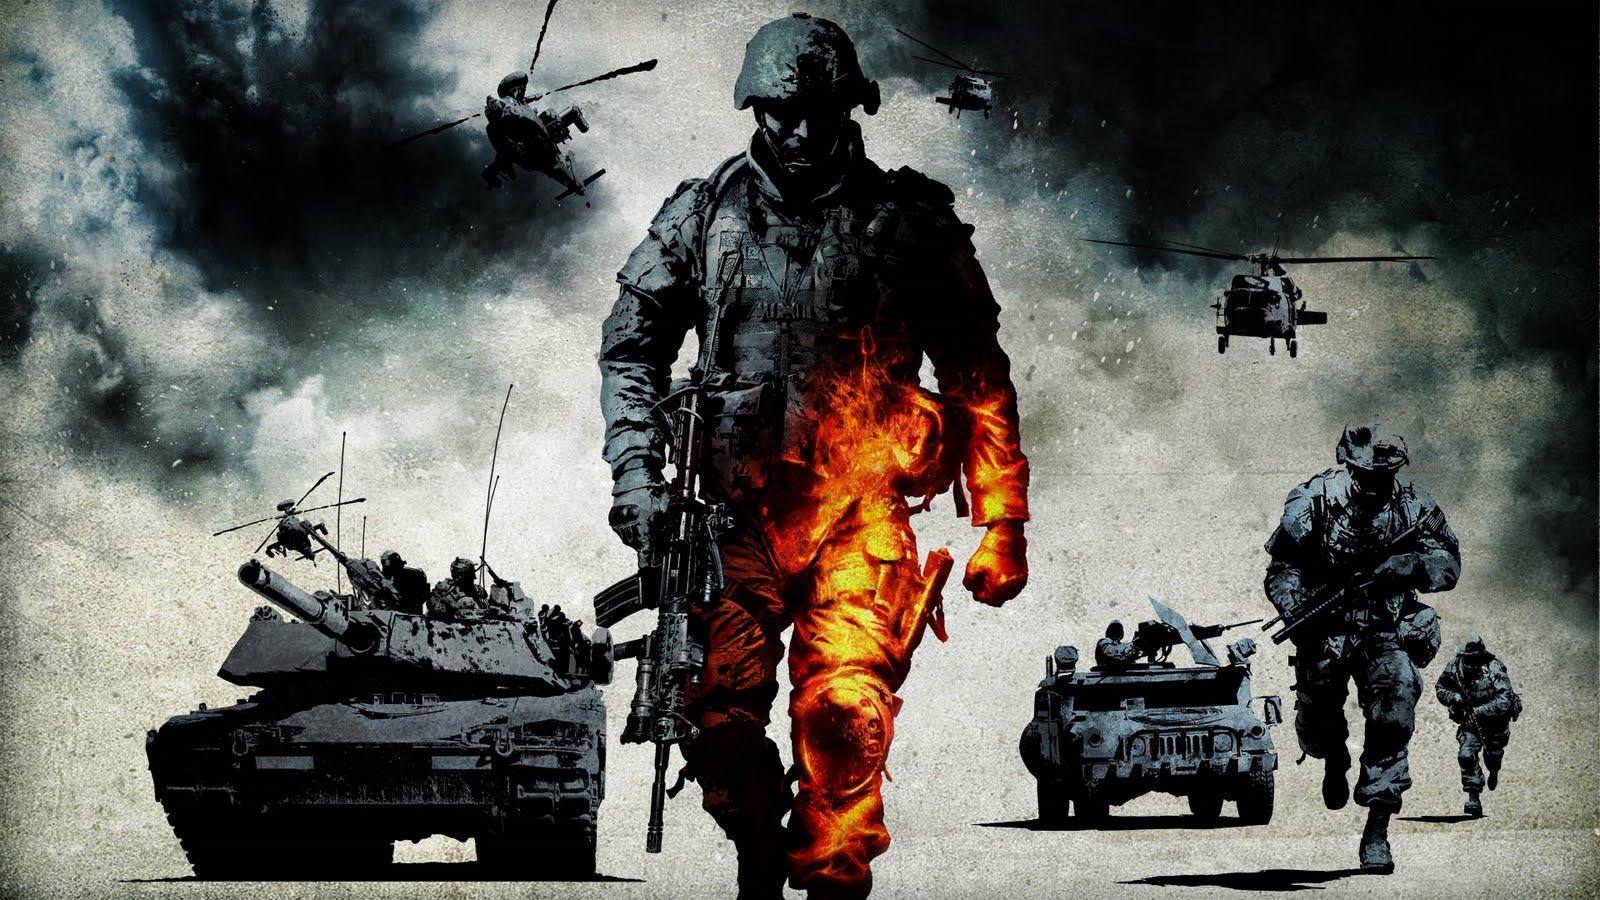 http://1.bp.blogspot.com/_nD_YgZuOadA/TUwK2Bbj_WI/AAAAAAAABWc/1TbJk7OILUQ/s1600/Battlefield+Bad+Company+2+HD+wallpaper2.jpg